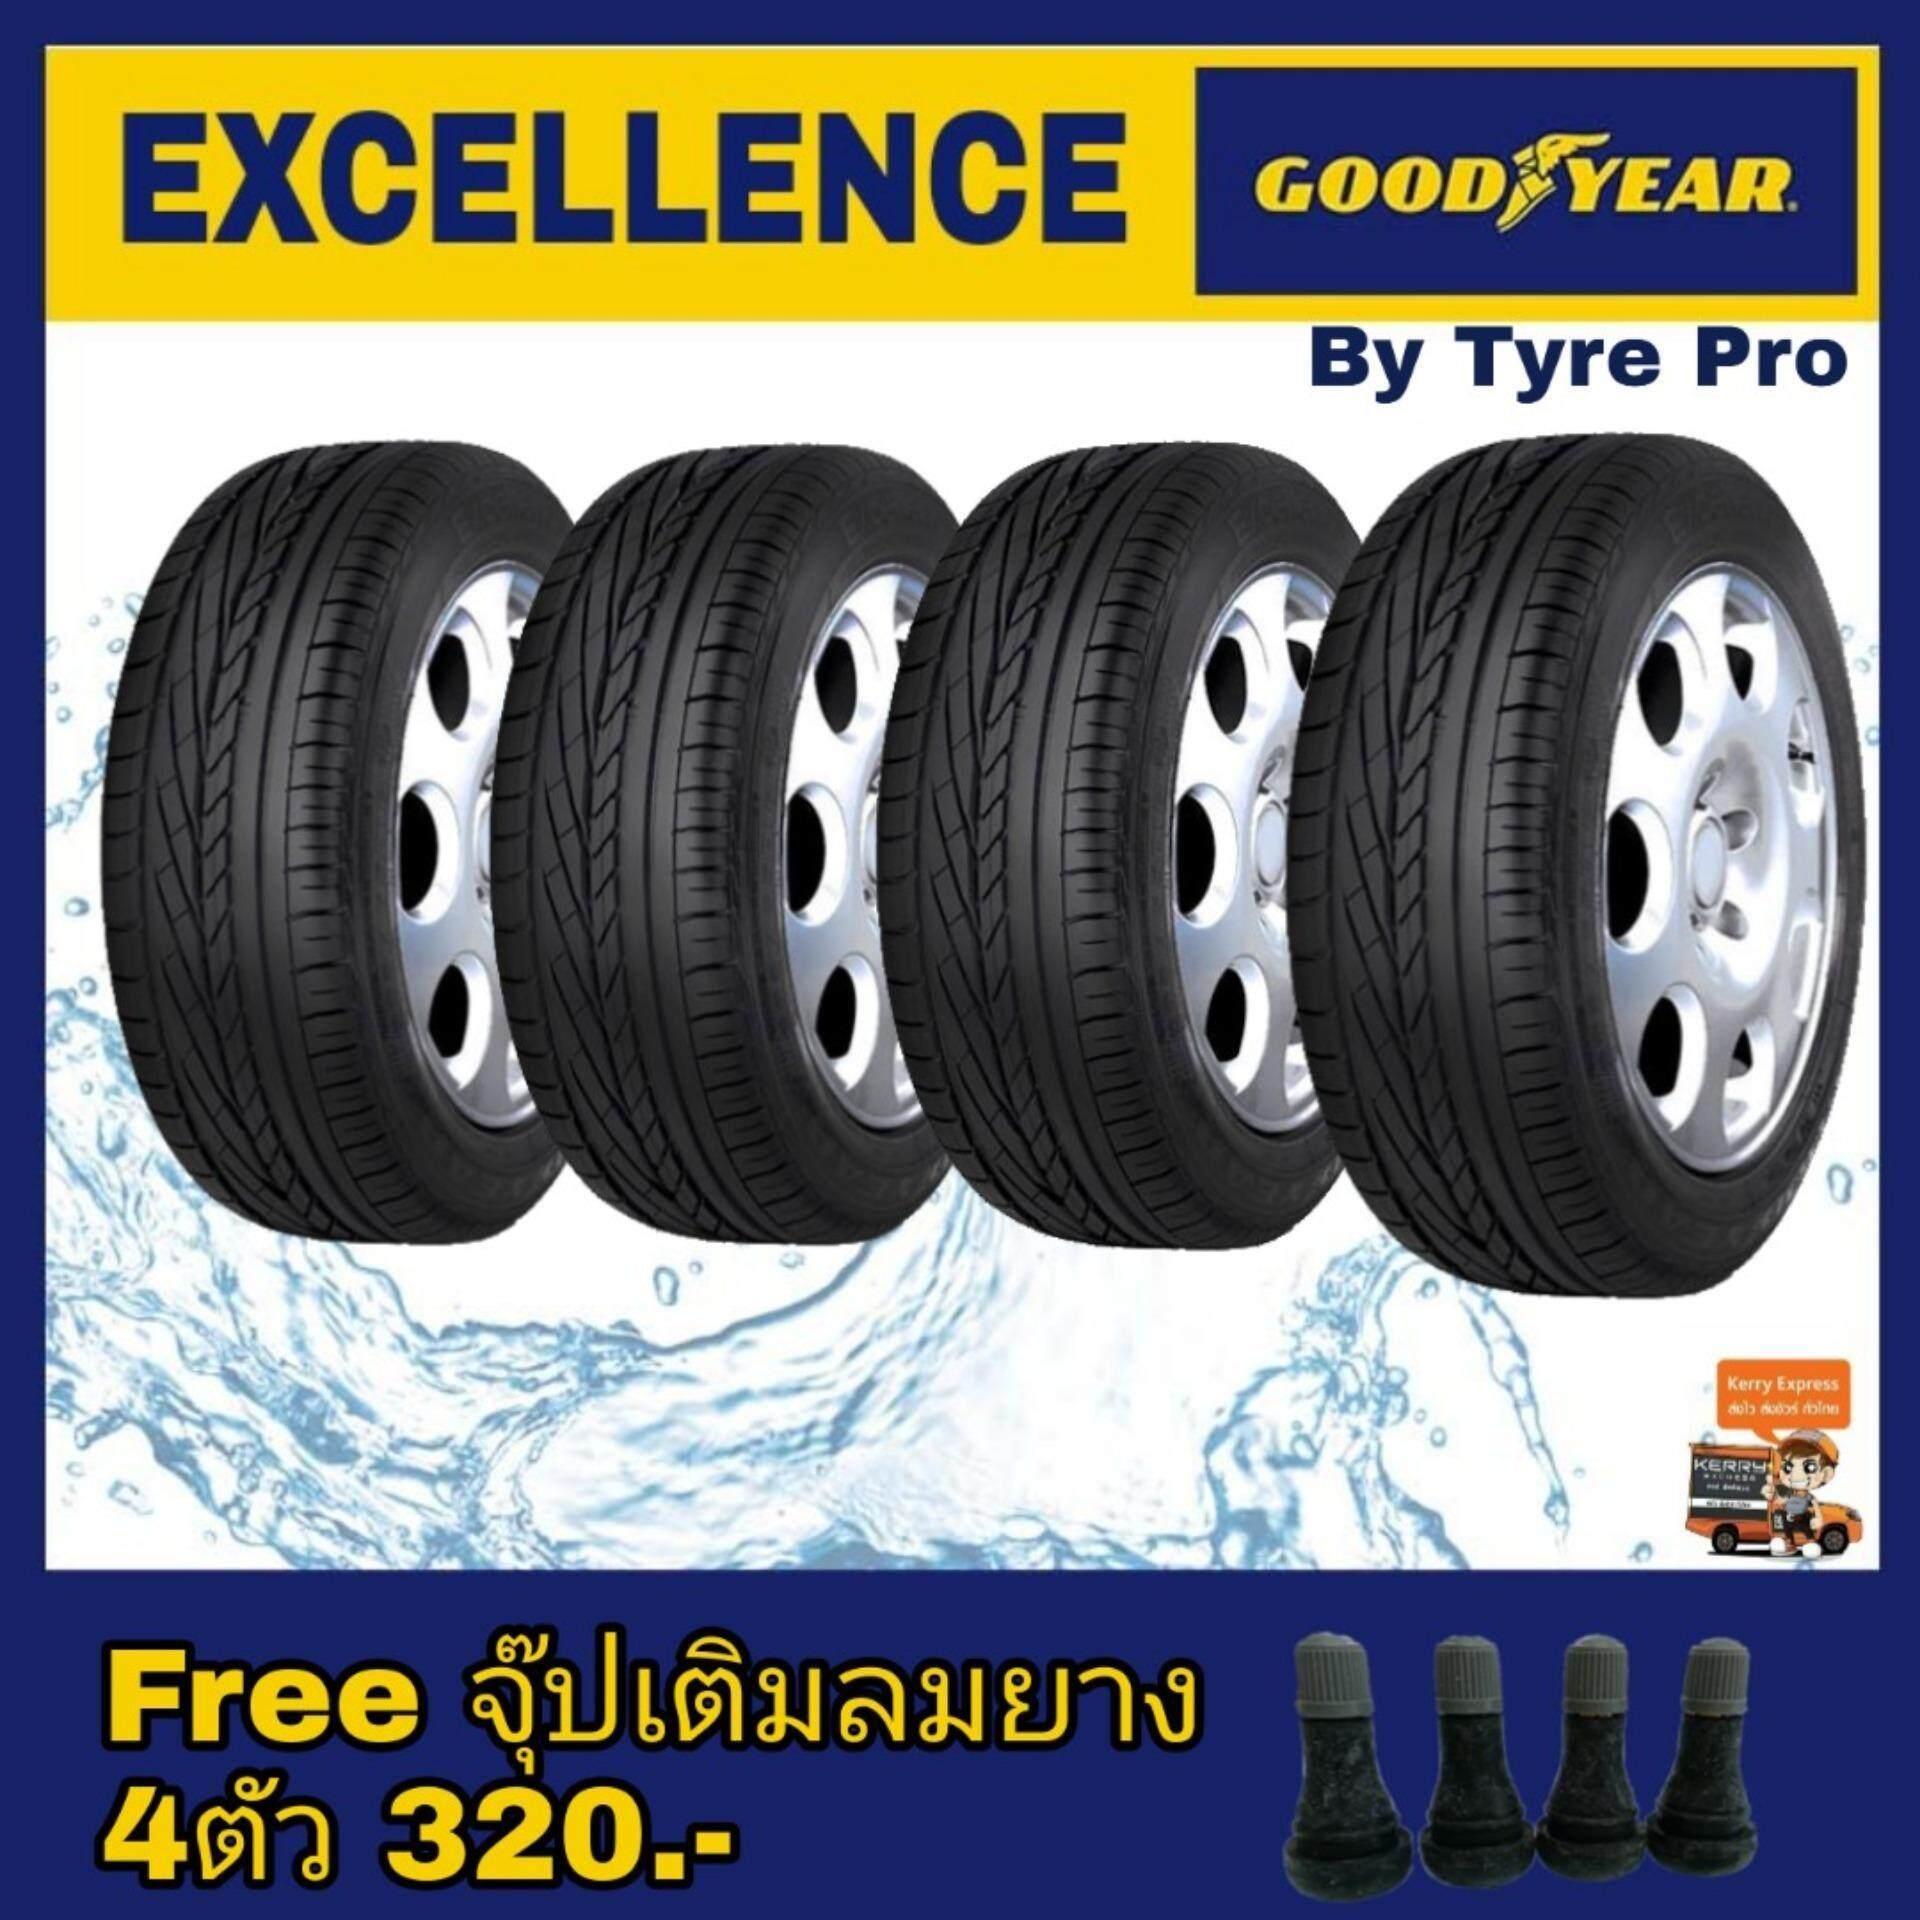 ประกันภัย รถยนต์ แบบ ผ่อน ได้ ประจวบคีรีขันธ์ Goodyear ยางรถยนต์ 185/55R16 รุ่น Excellence  (4 เส้น)